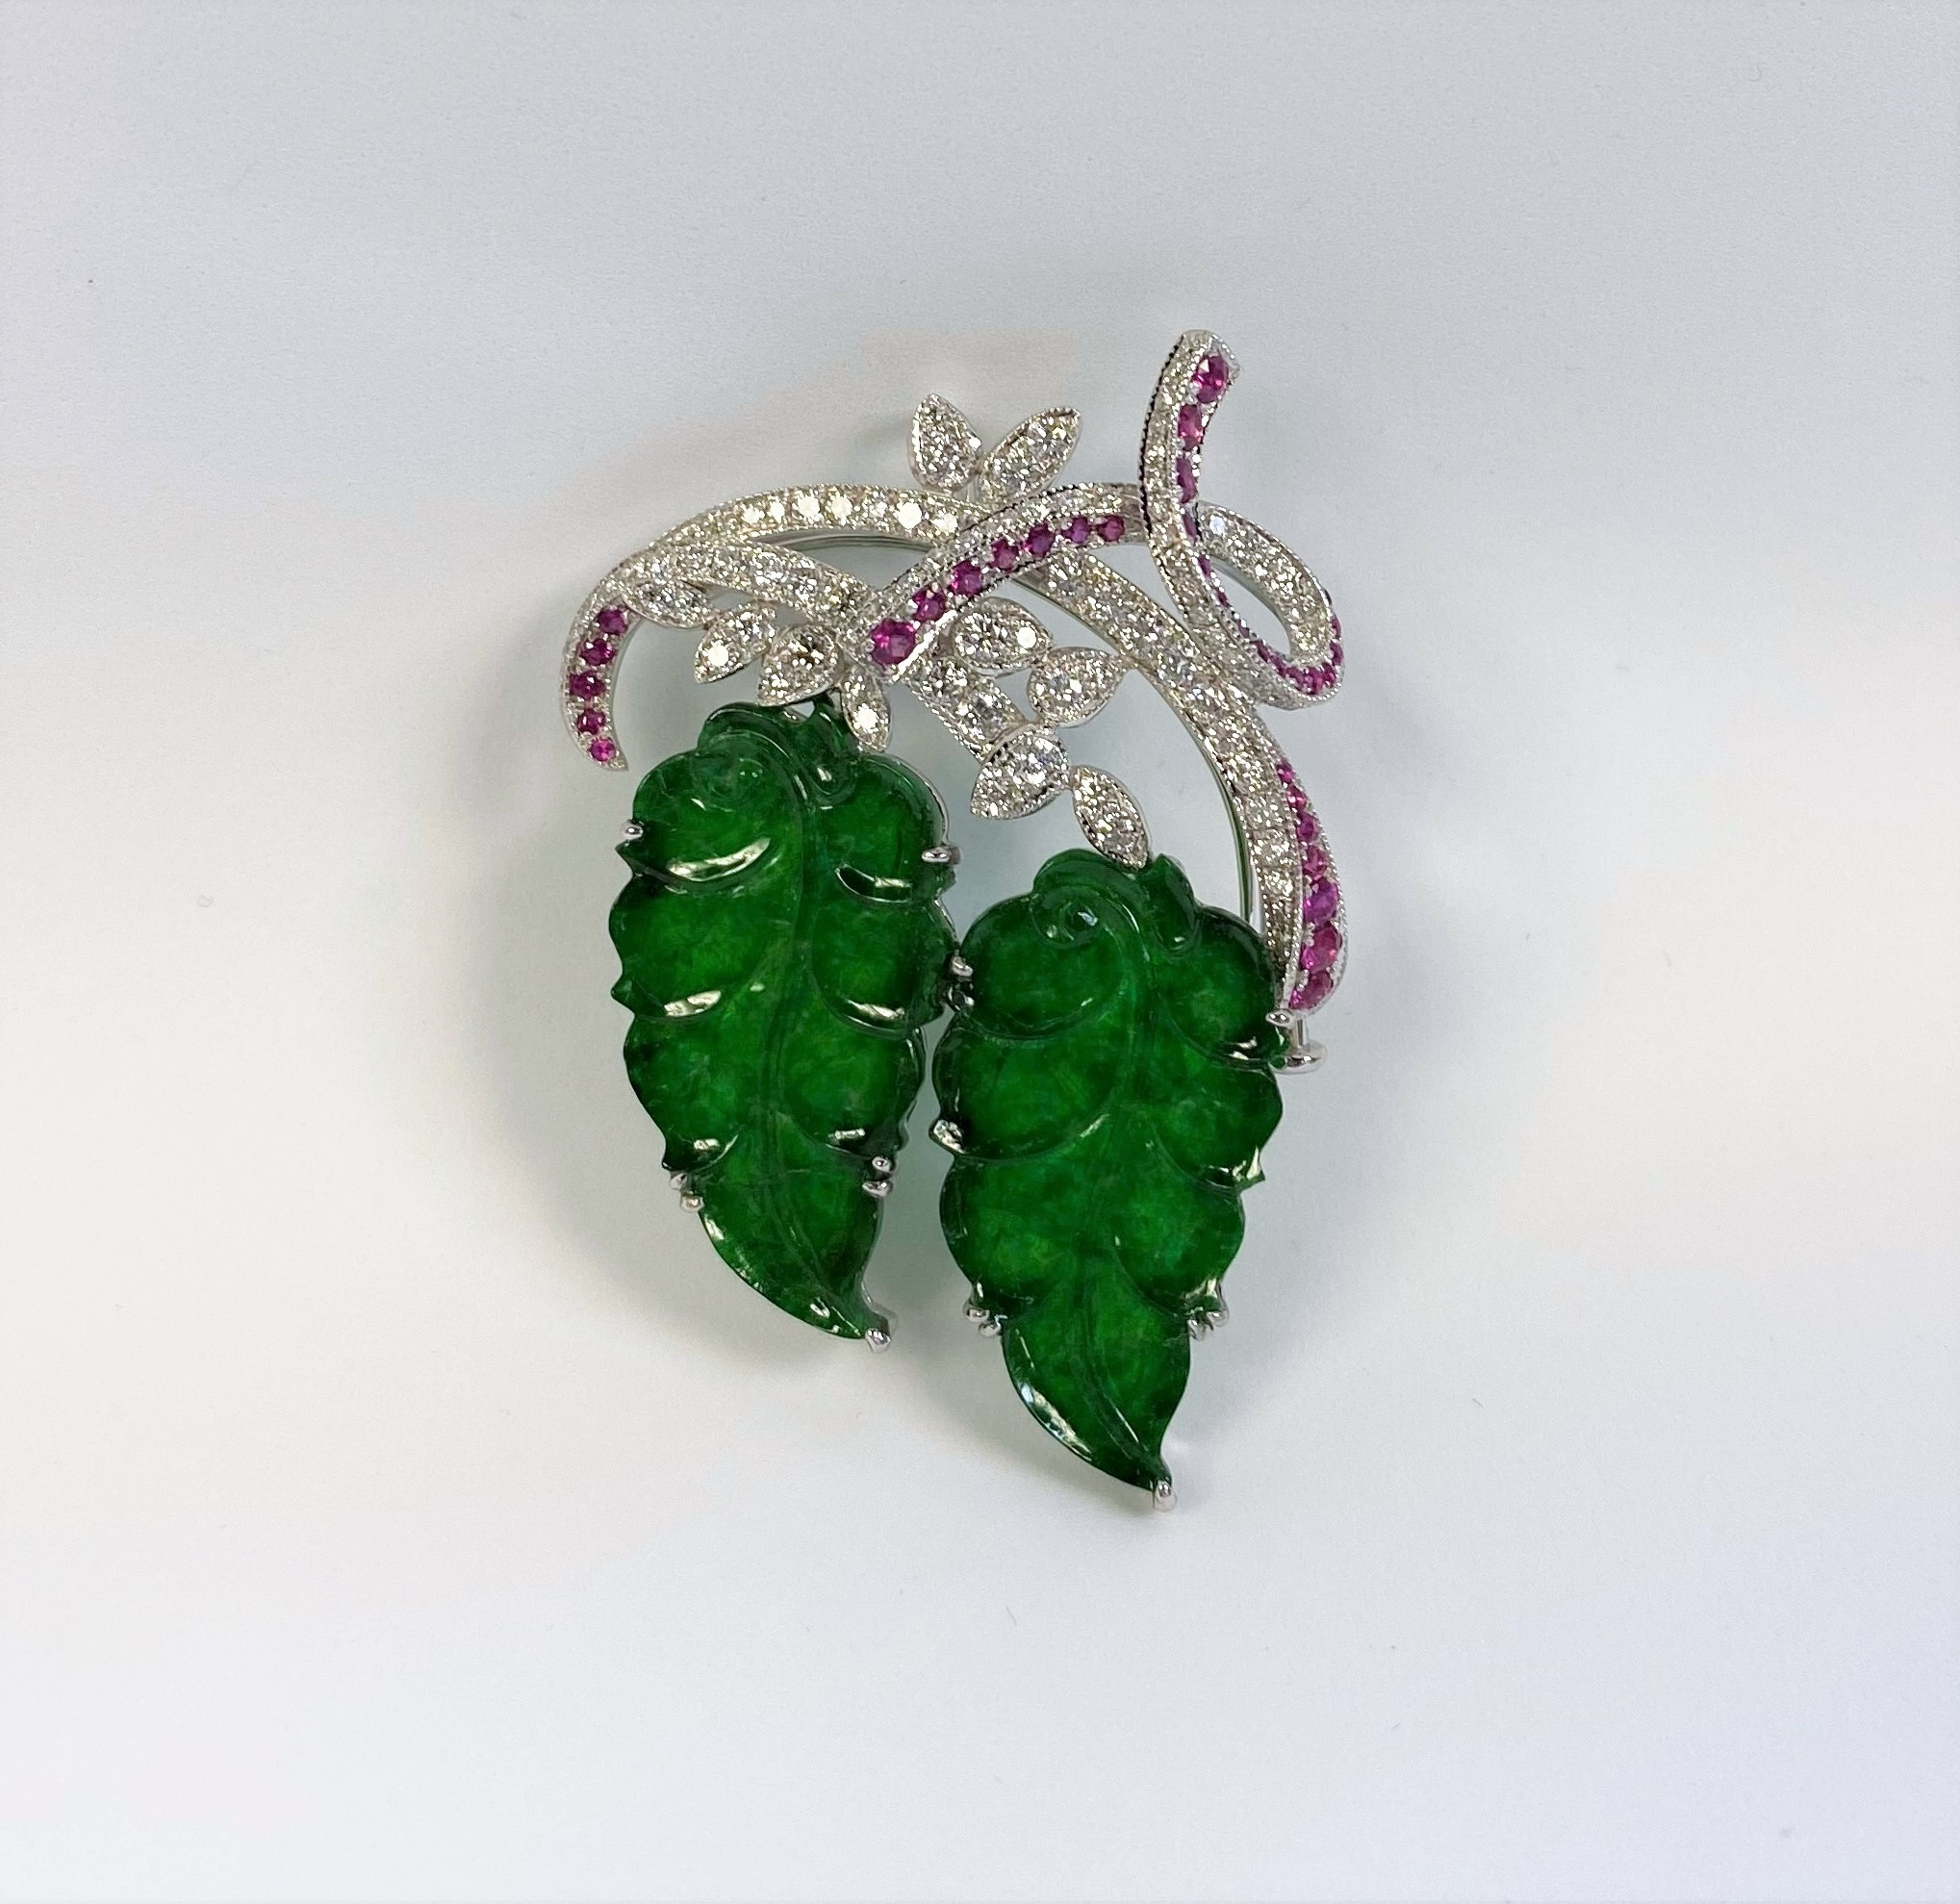 Leaf Design Natural Jade Pendant Brooch